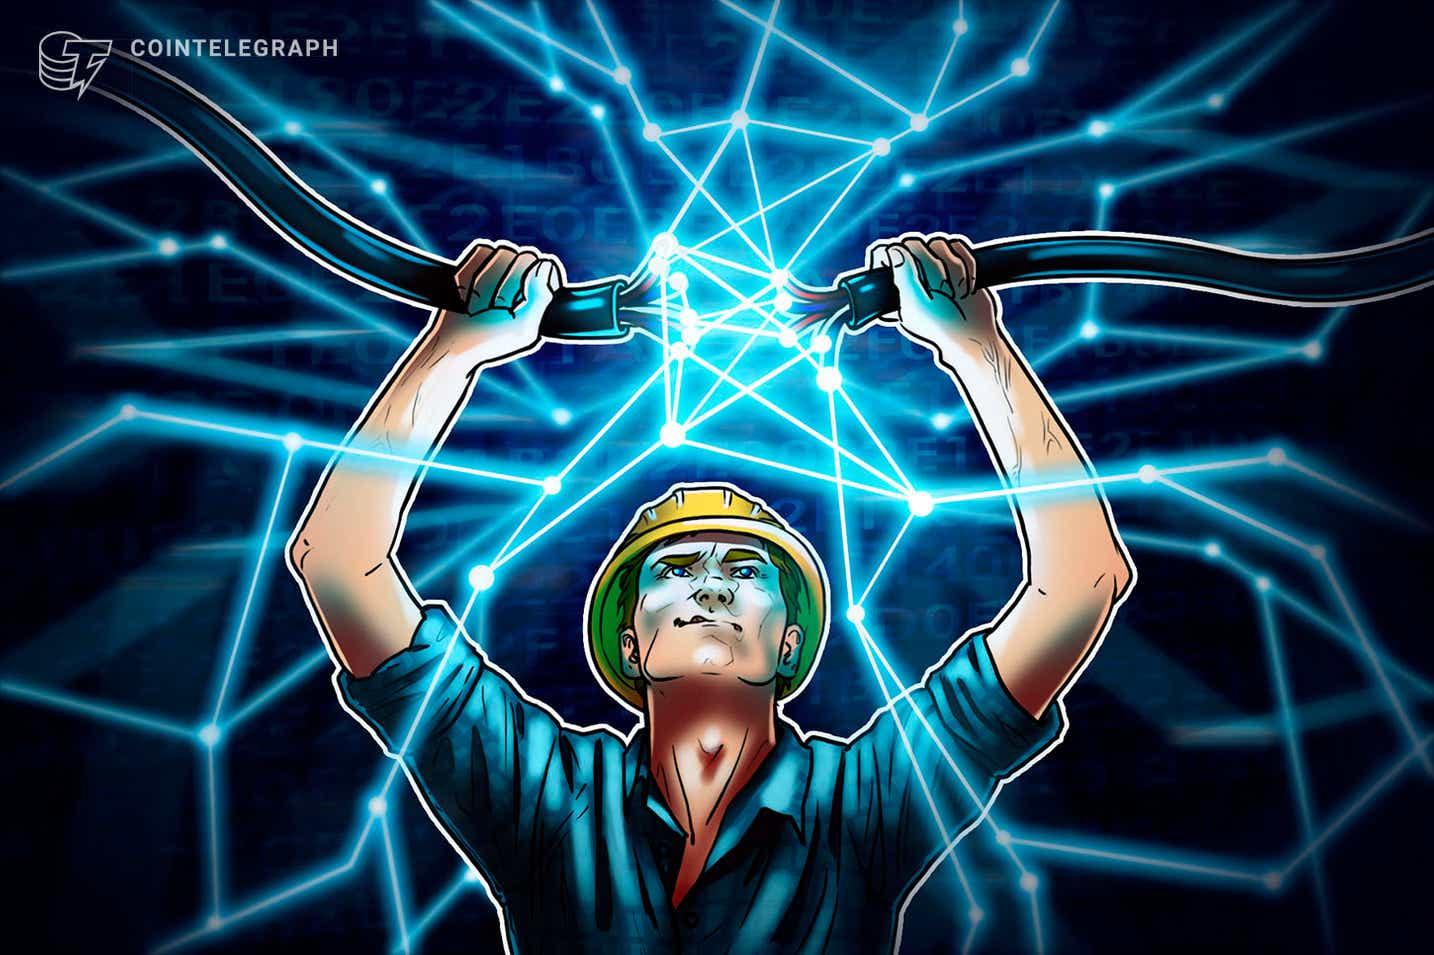 Krievija uzskata jaunus enerģijas tarifus, kad Ķīnas kriptogrāfijas ieguvēji pārvietojas